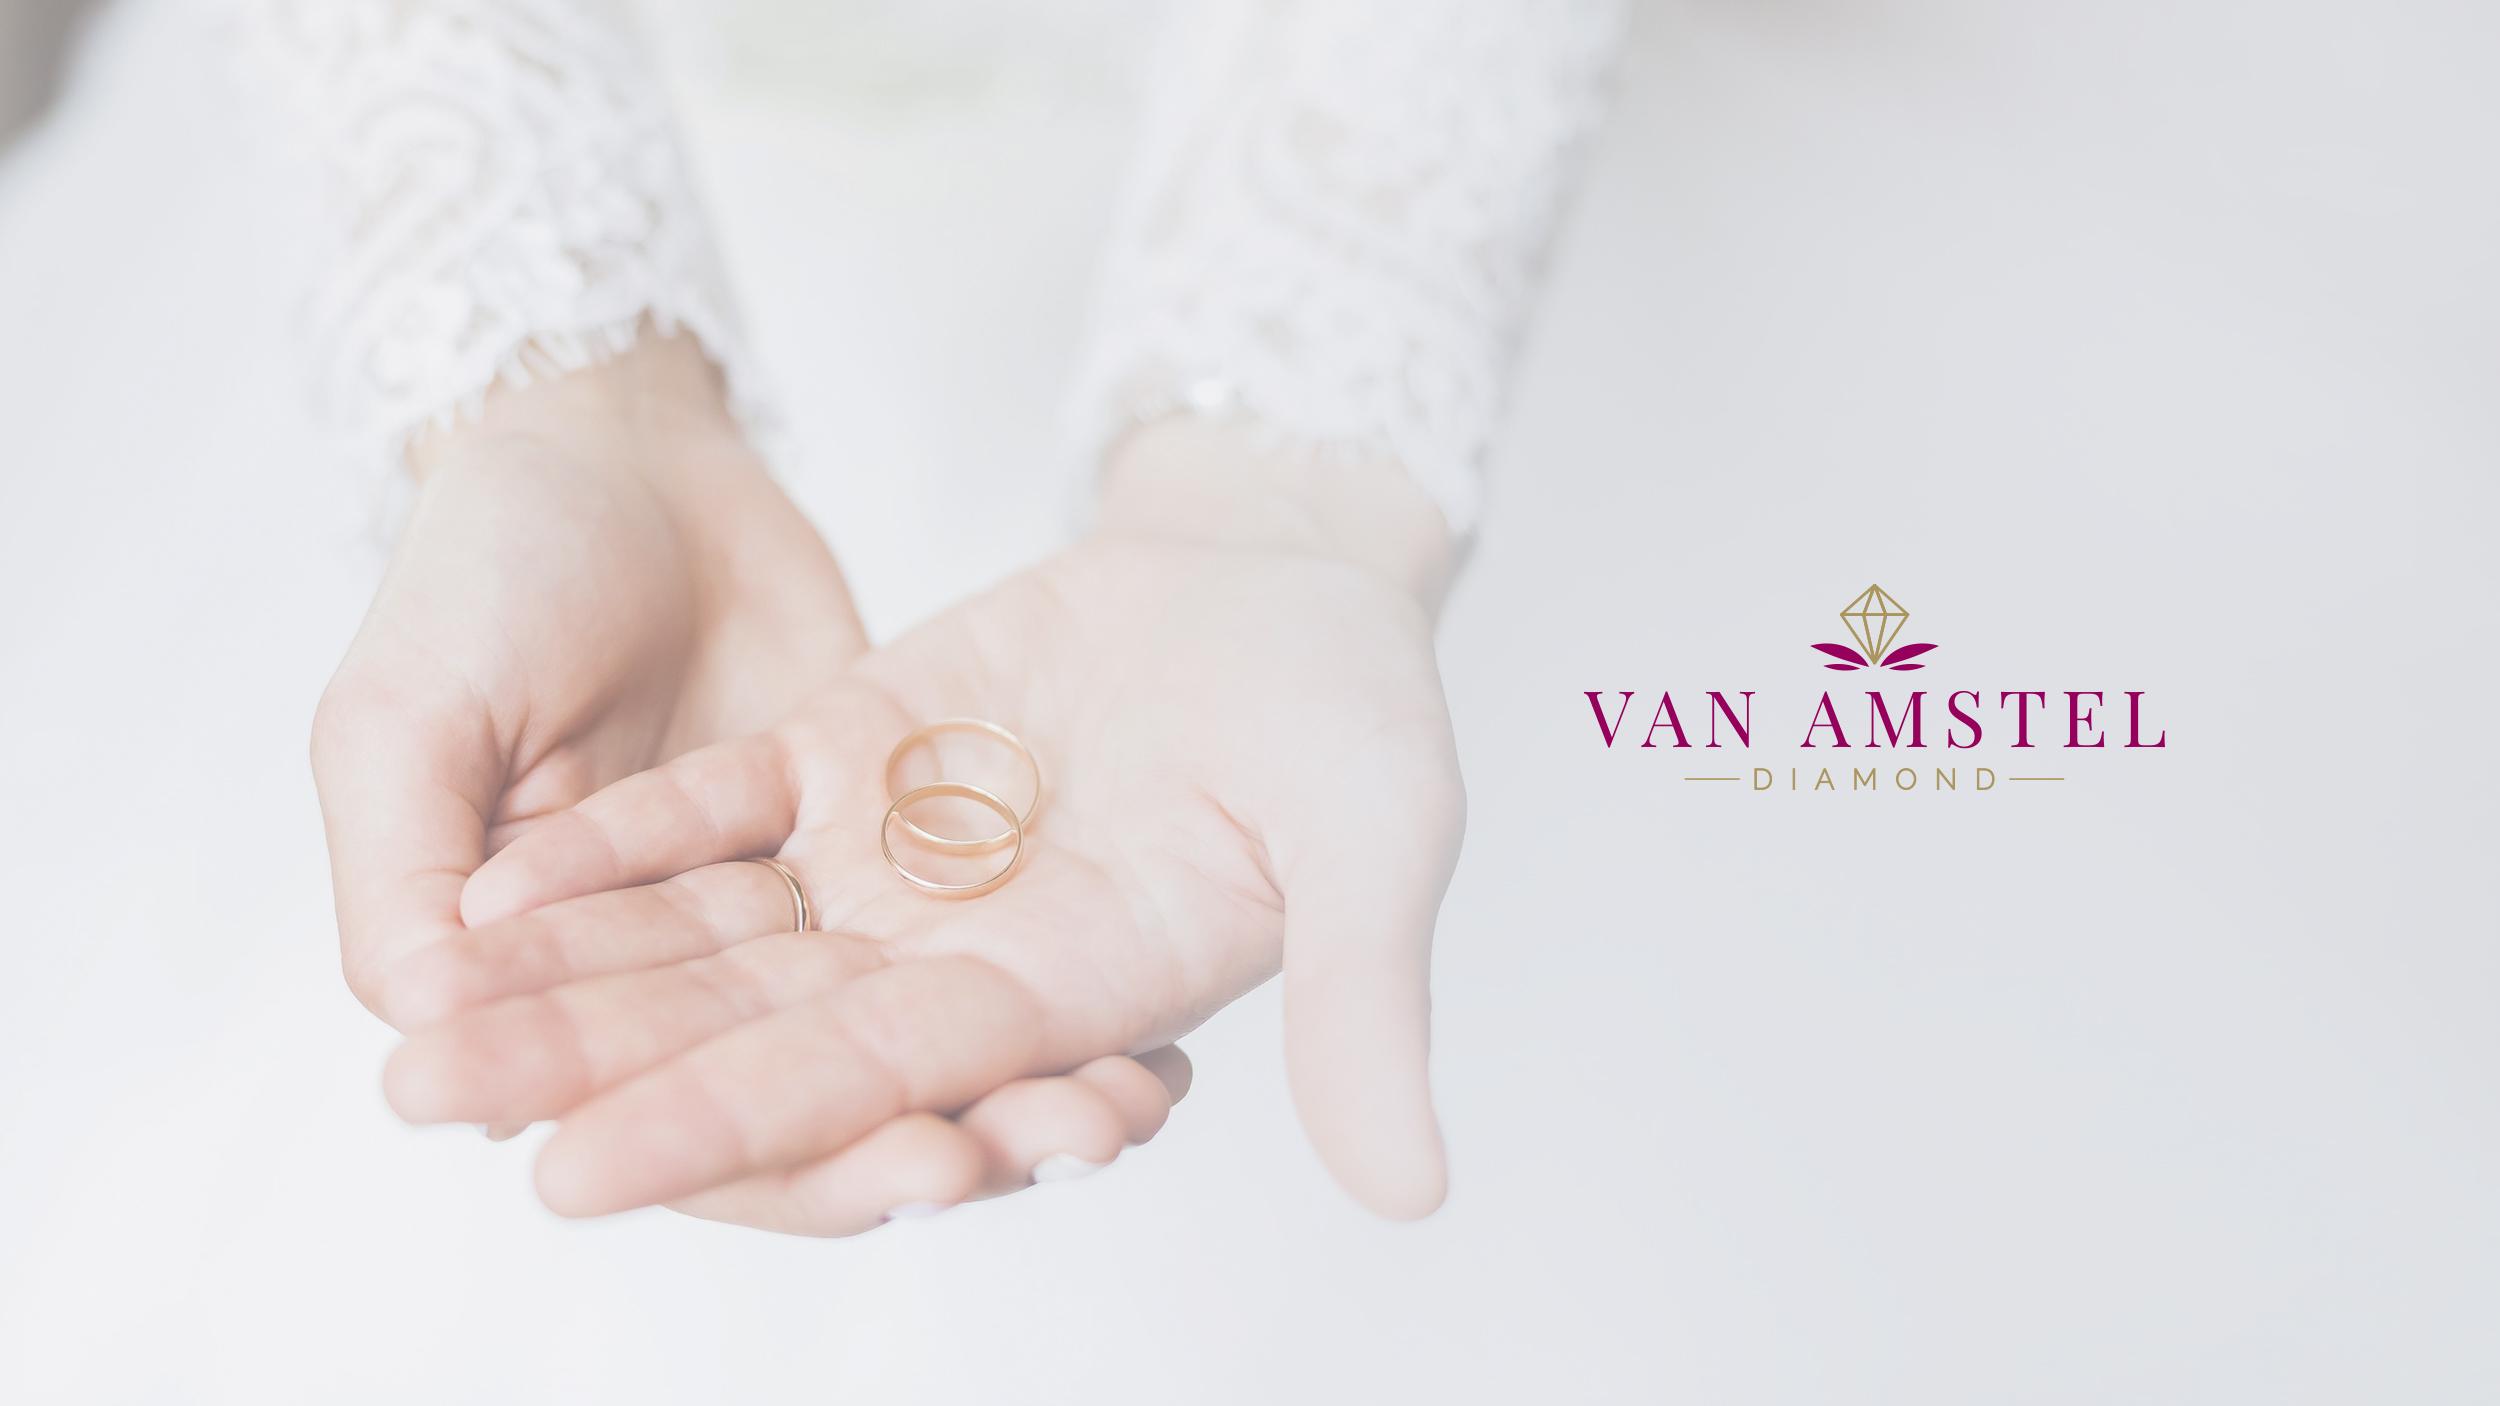 Van Amstel Logo Gentle Present Hands Design